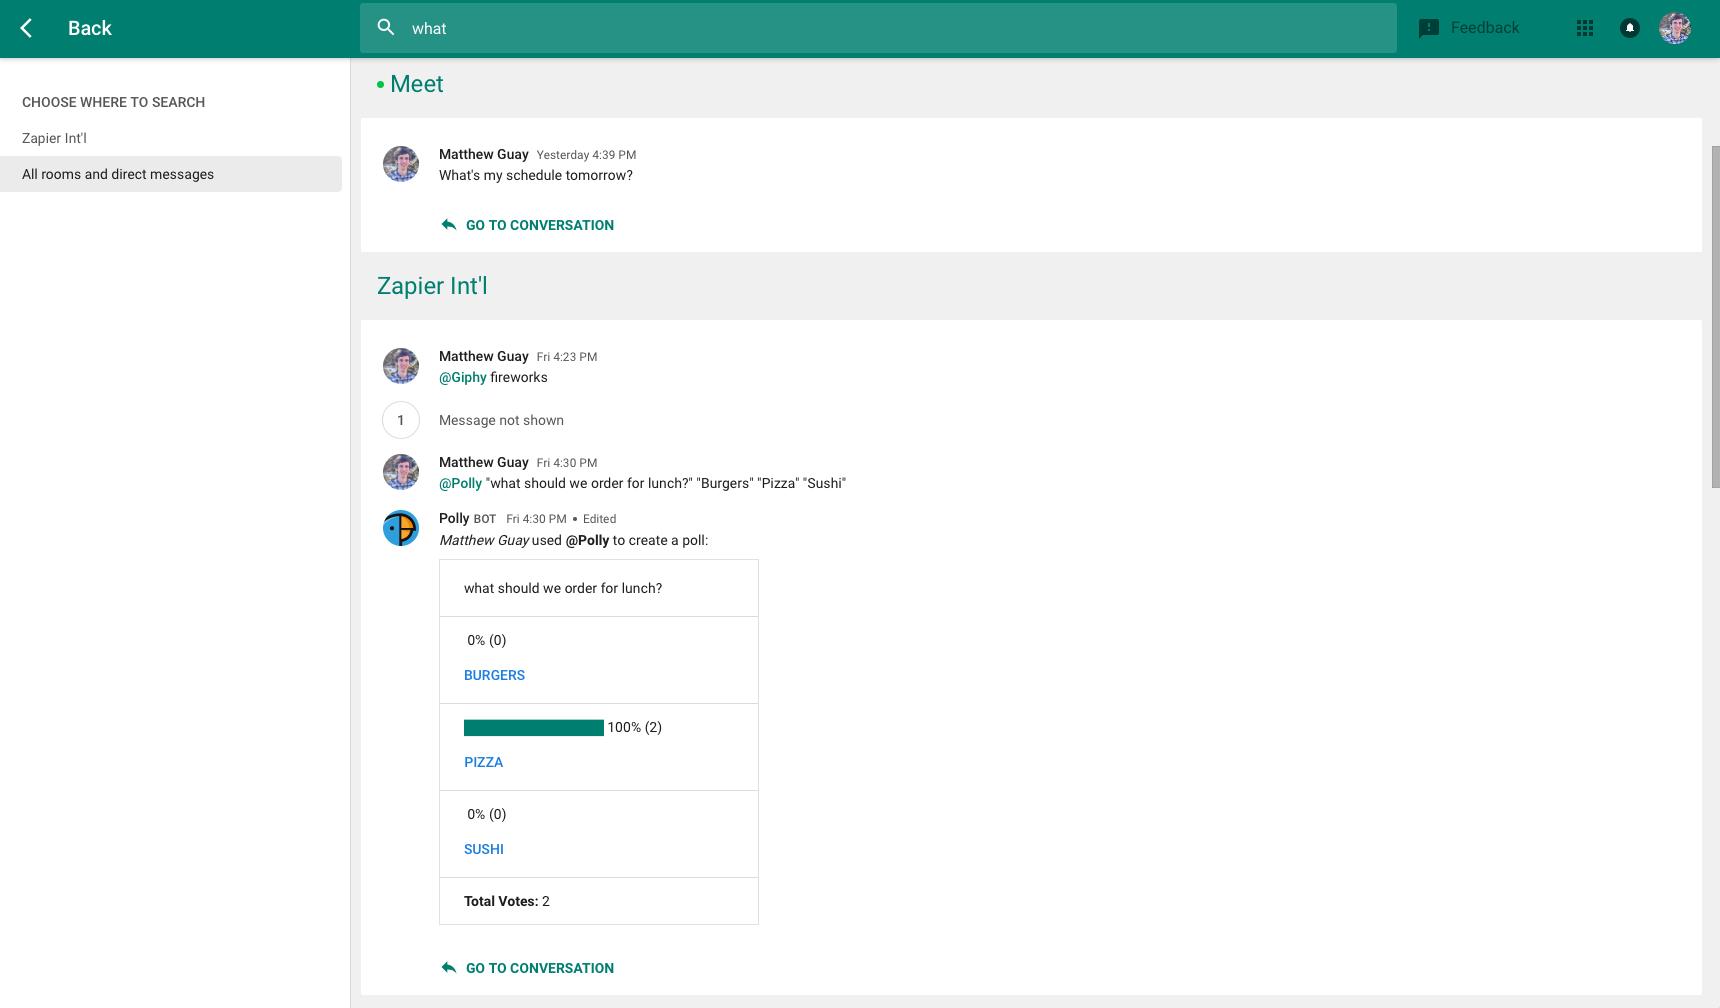 Google Hangouts Chat Search